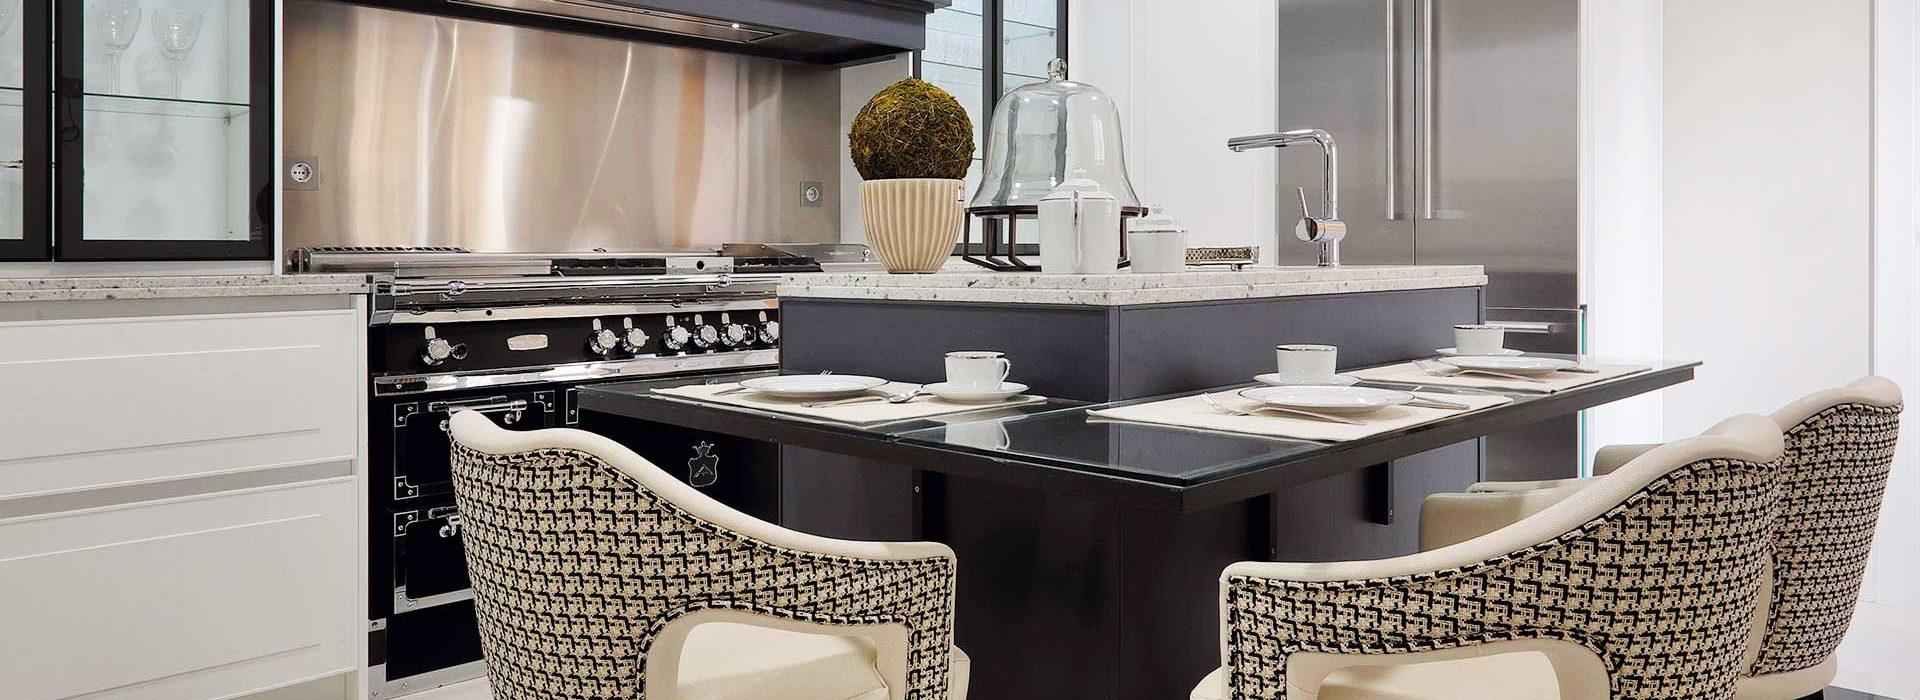 MADRID-RESIDENTIAL-APARTMENT-05-Dome-interior-design-Geneve-Suisse